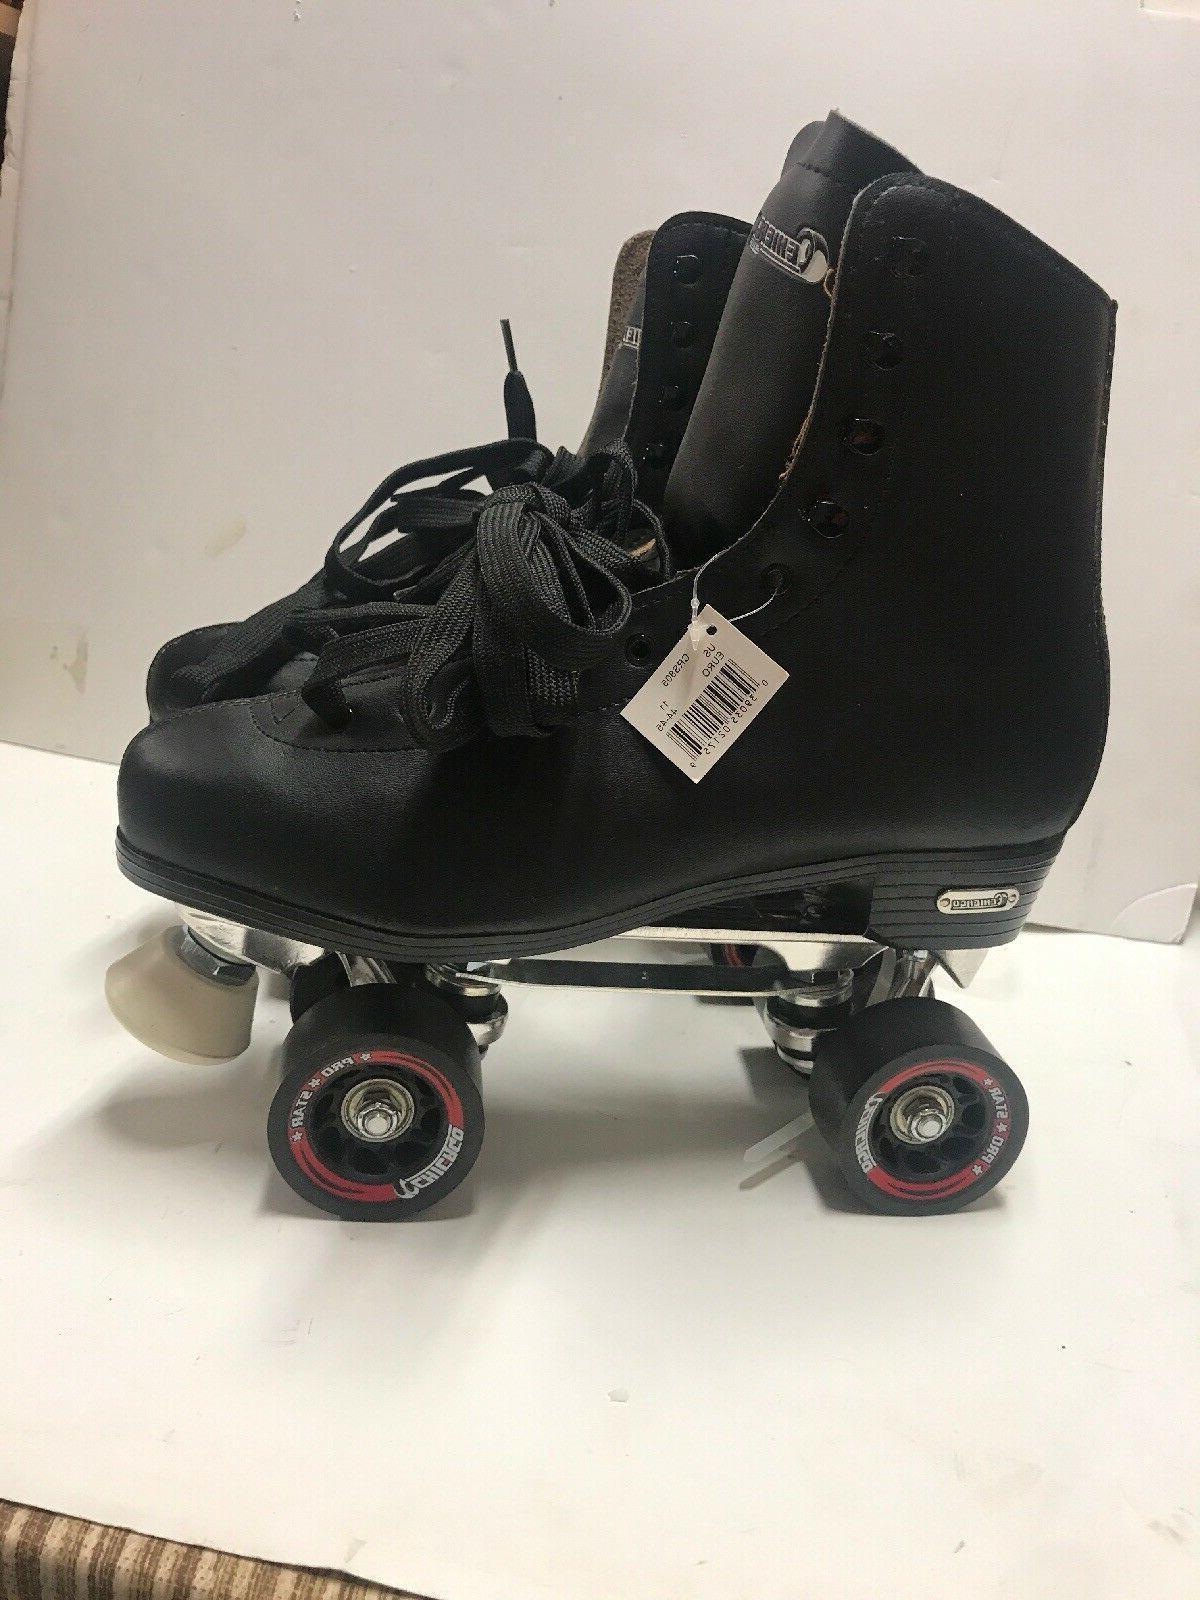 CHICAGO DELUXE ROLLER SKATES Mans 11 Solid BLACK